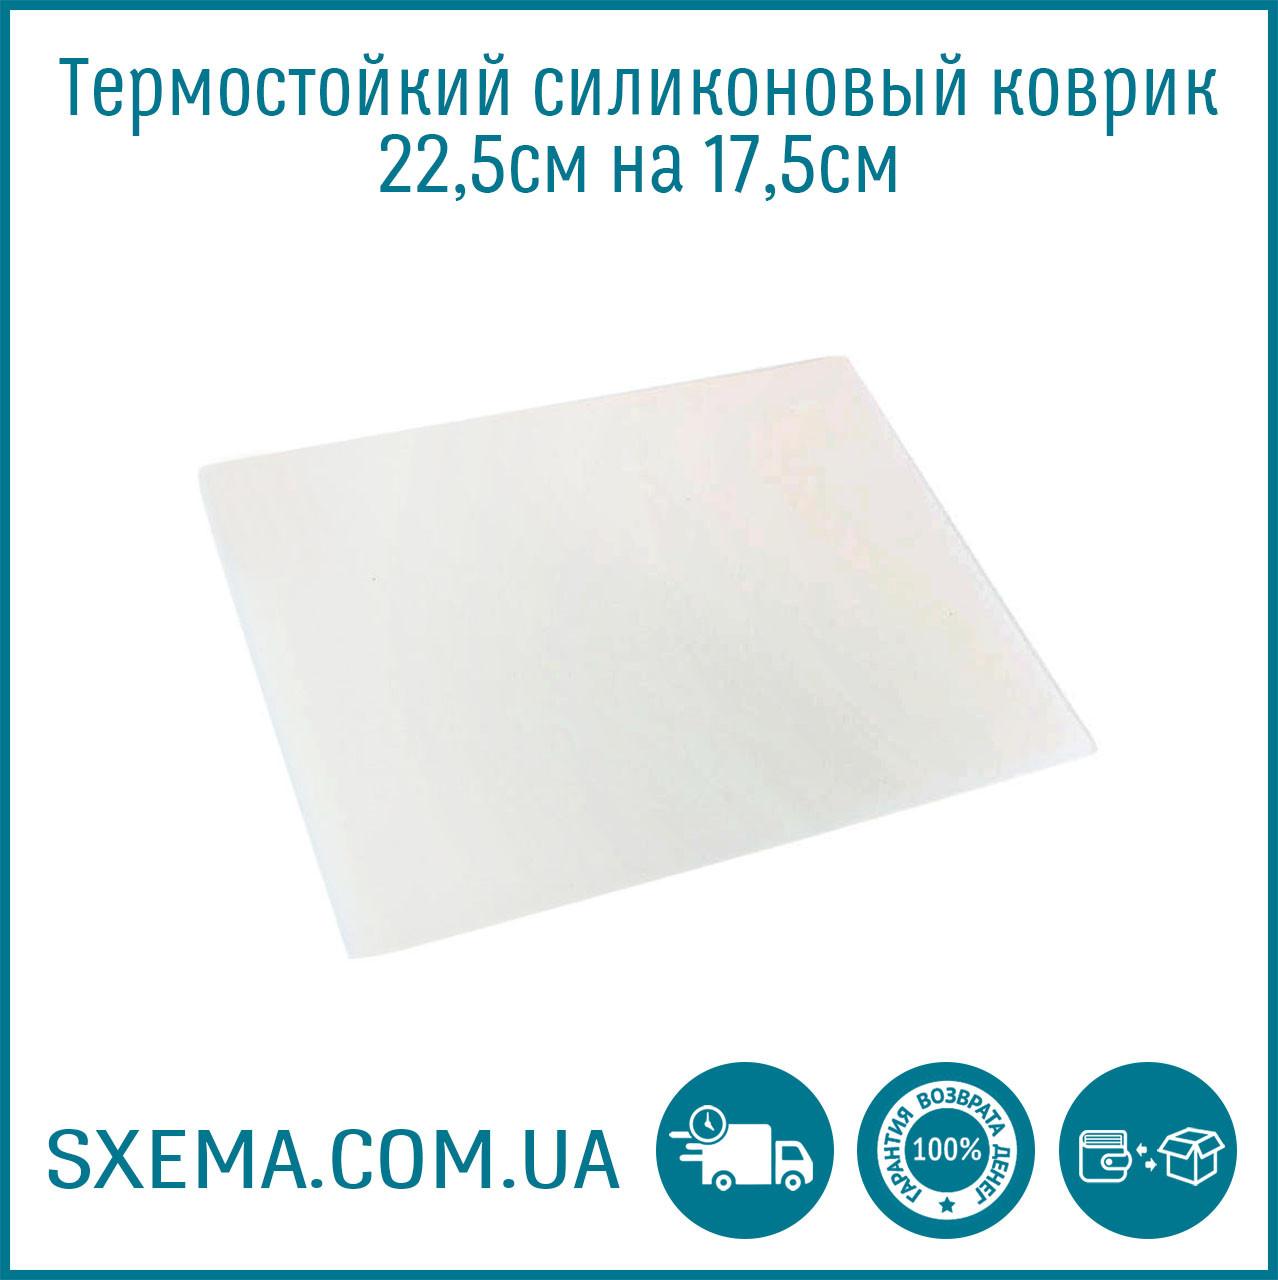 Силиконовый термостойкий коврик для пайки и разборки электроники 22.5см на 17.5см